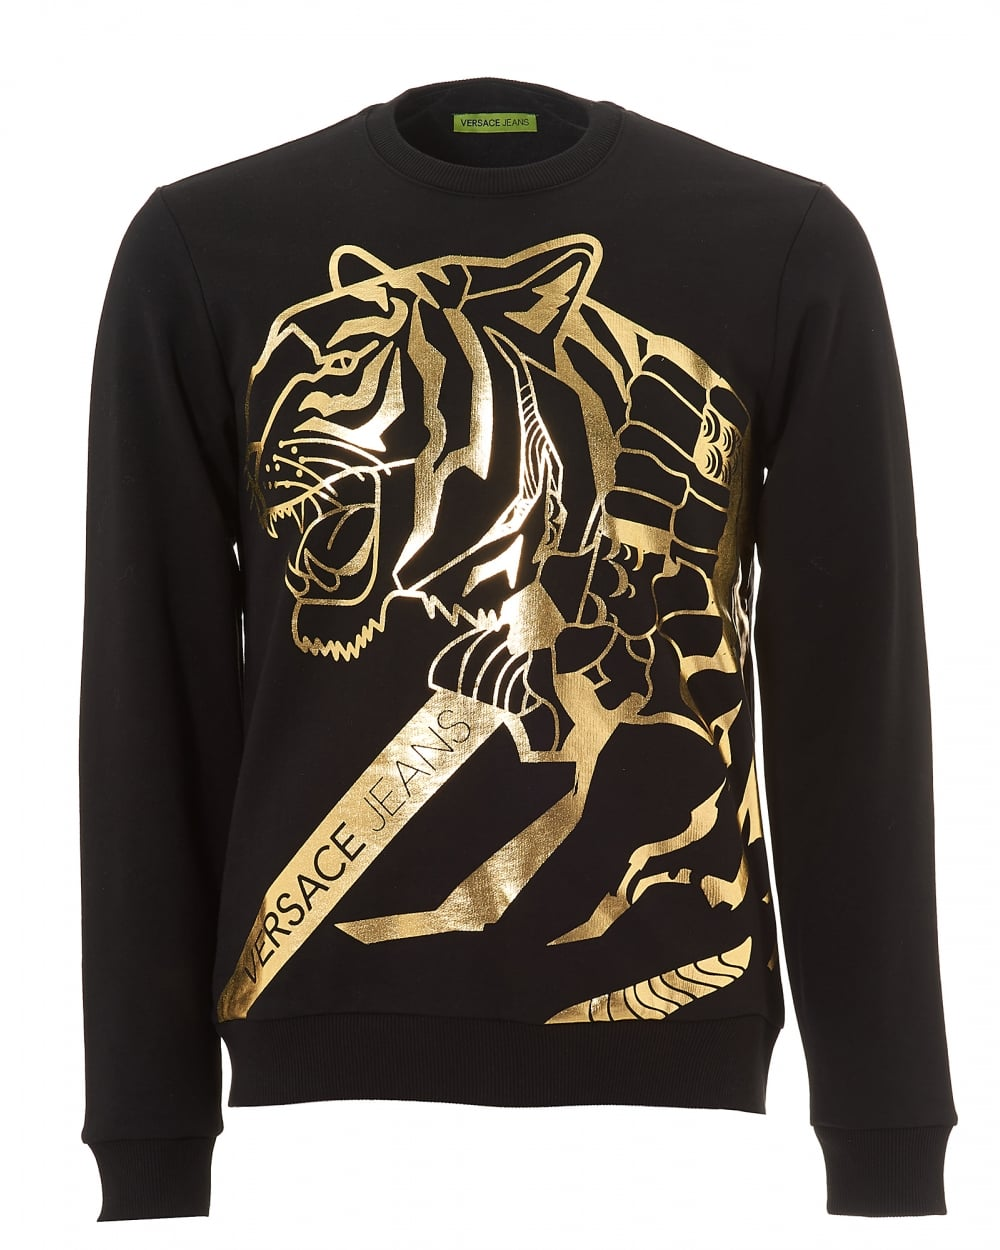 Versace Jeans Mens Black Sweater, Gold Tiger Foil Print Jumper